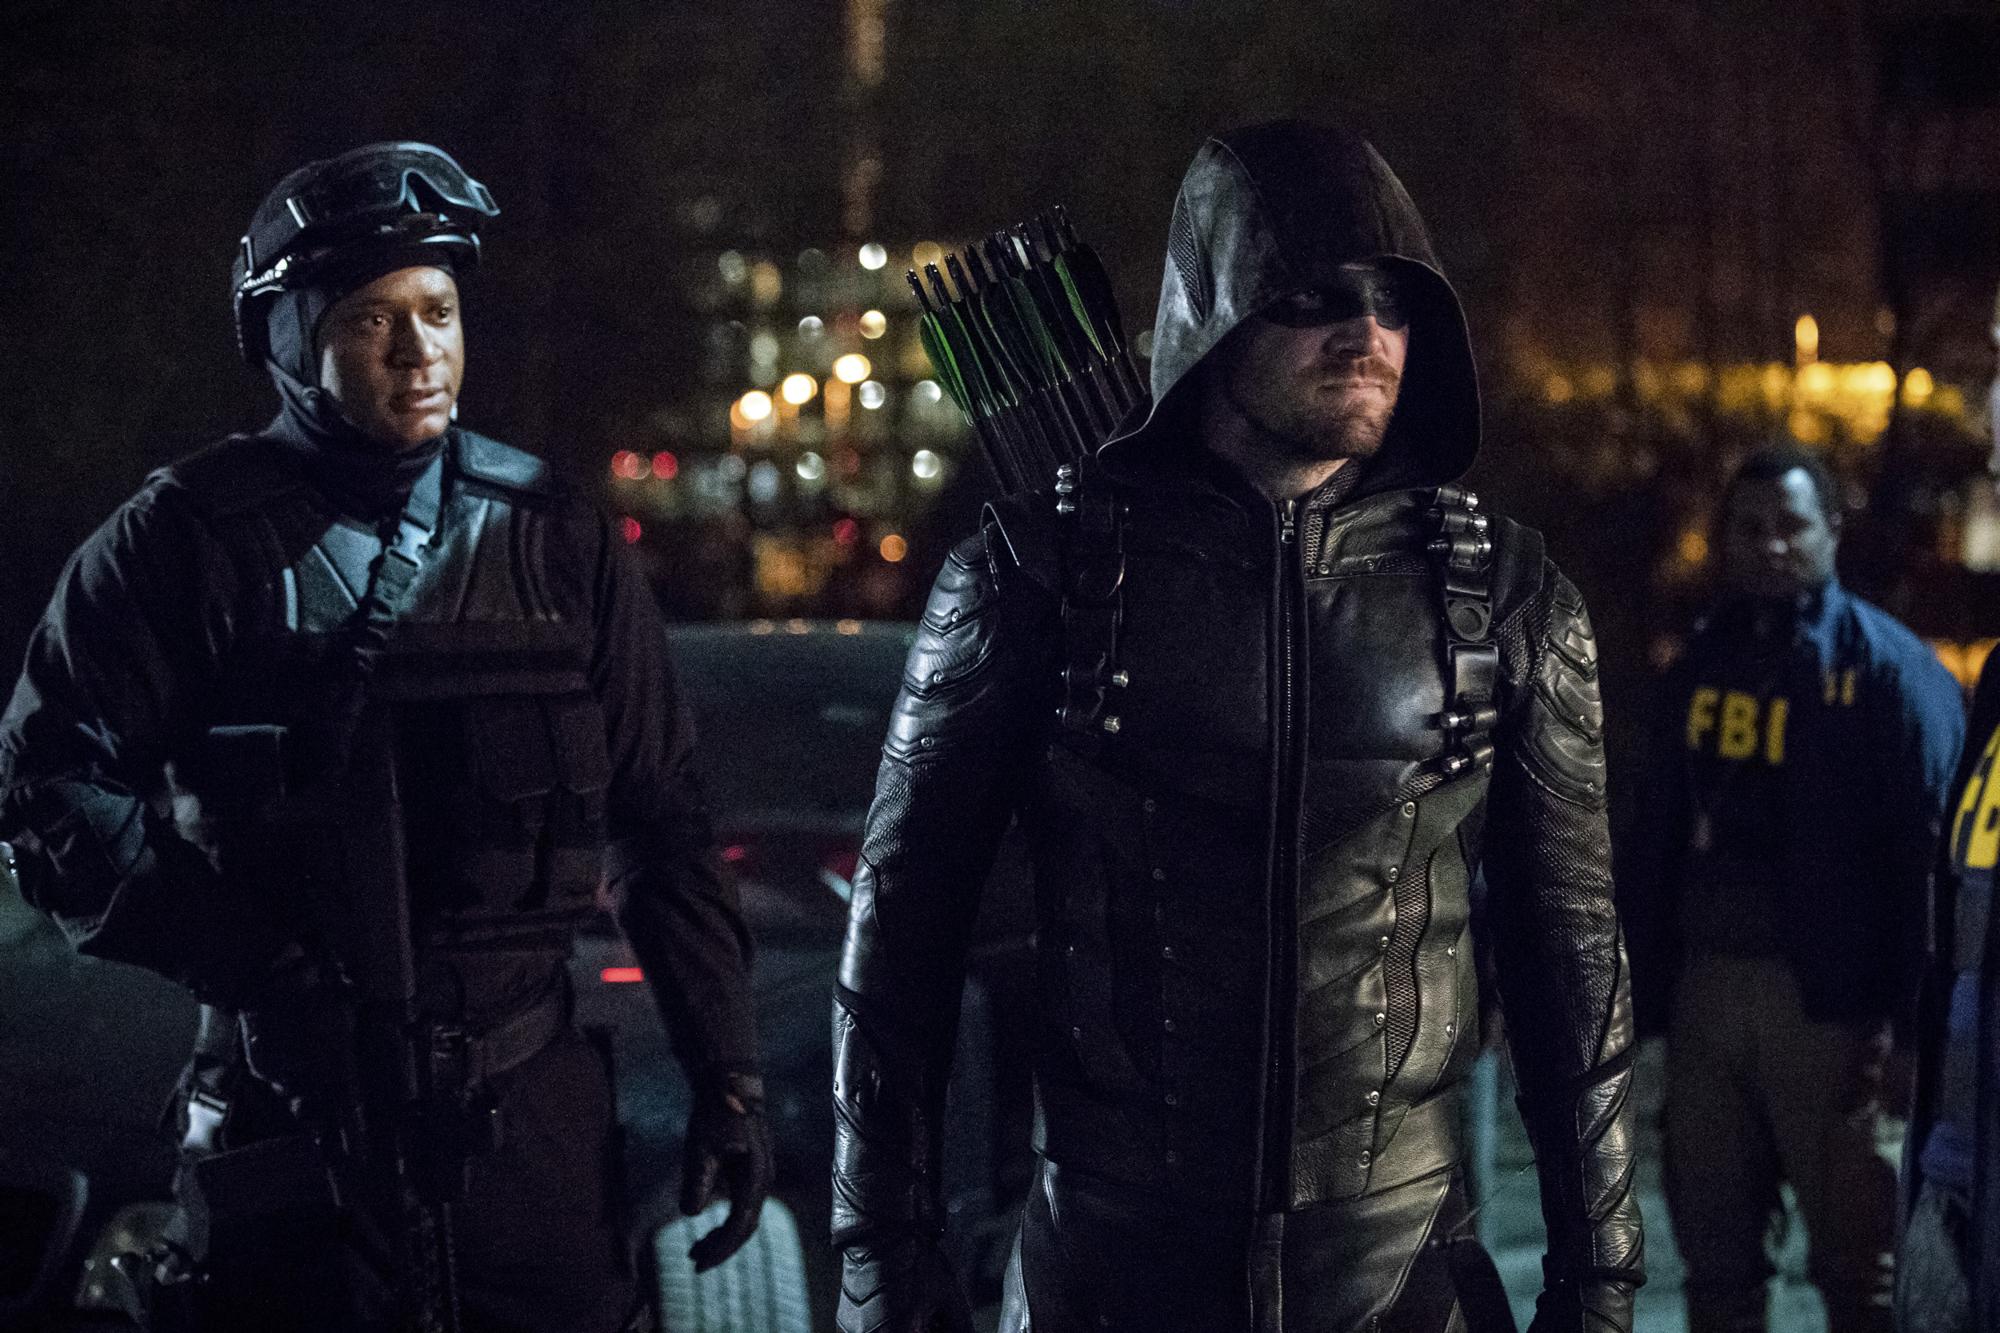 arrow season 6 episode 6 full episode free